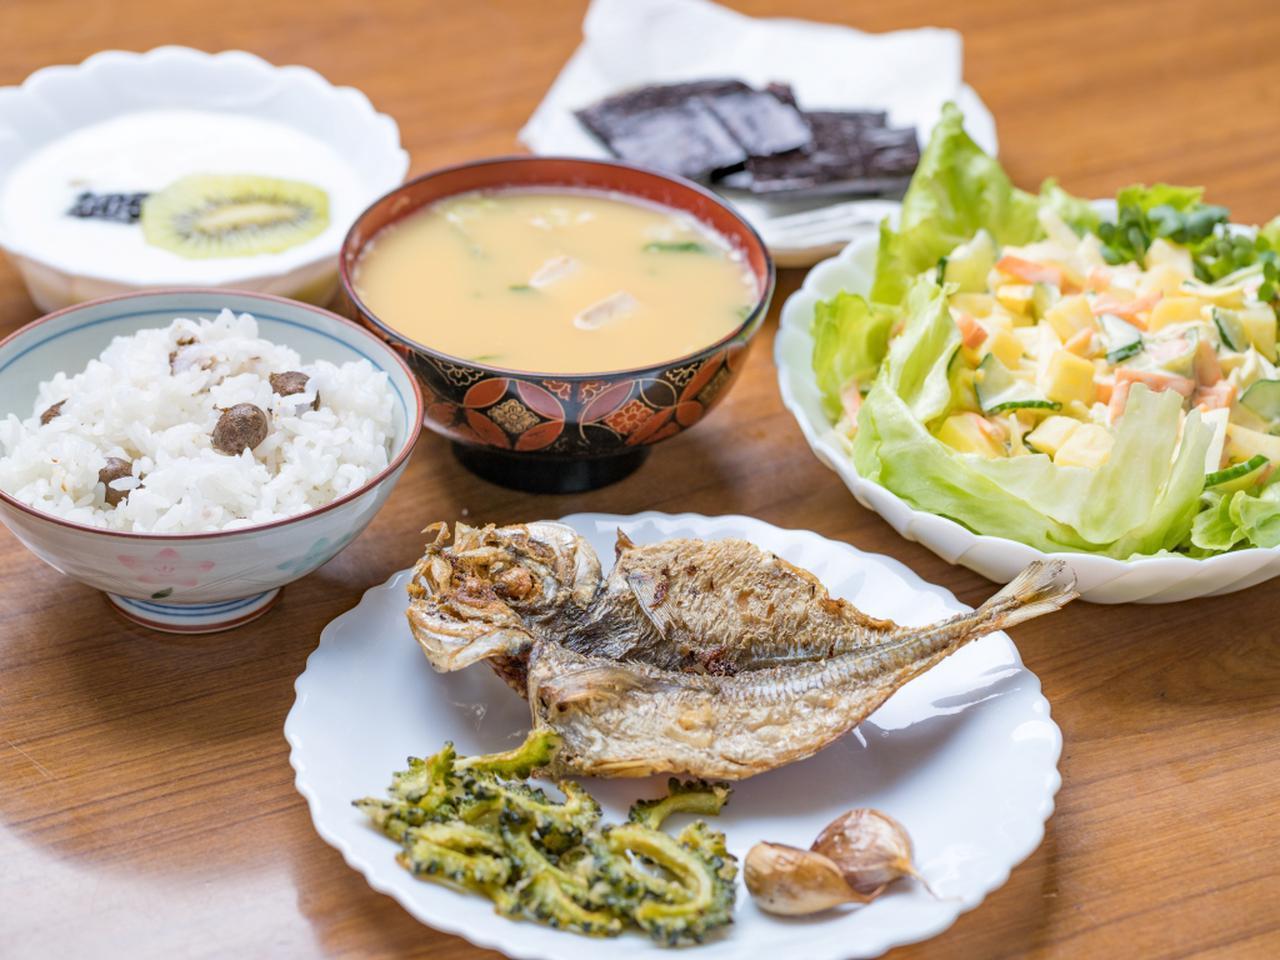 画像: 【魚メイン】あじの一夜干しの素揚げ、むかごご飯、にんにくの素揚げ、ポテトサラダ、のり、フルーツヨーグルト